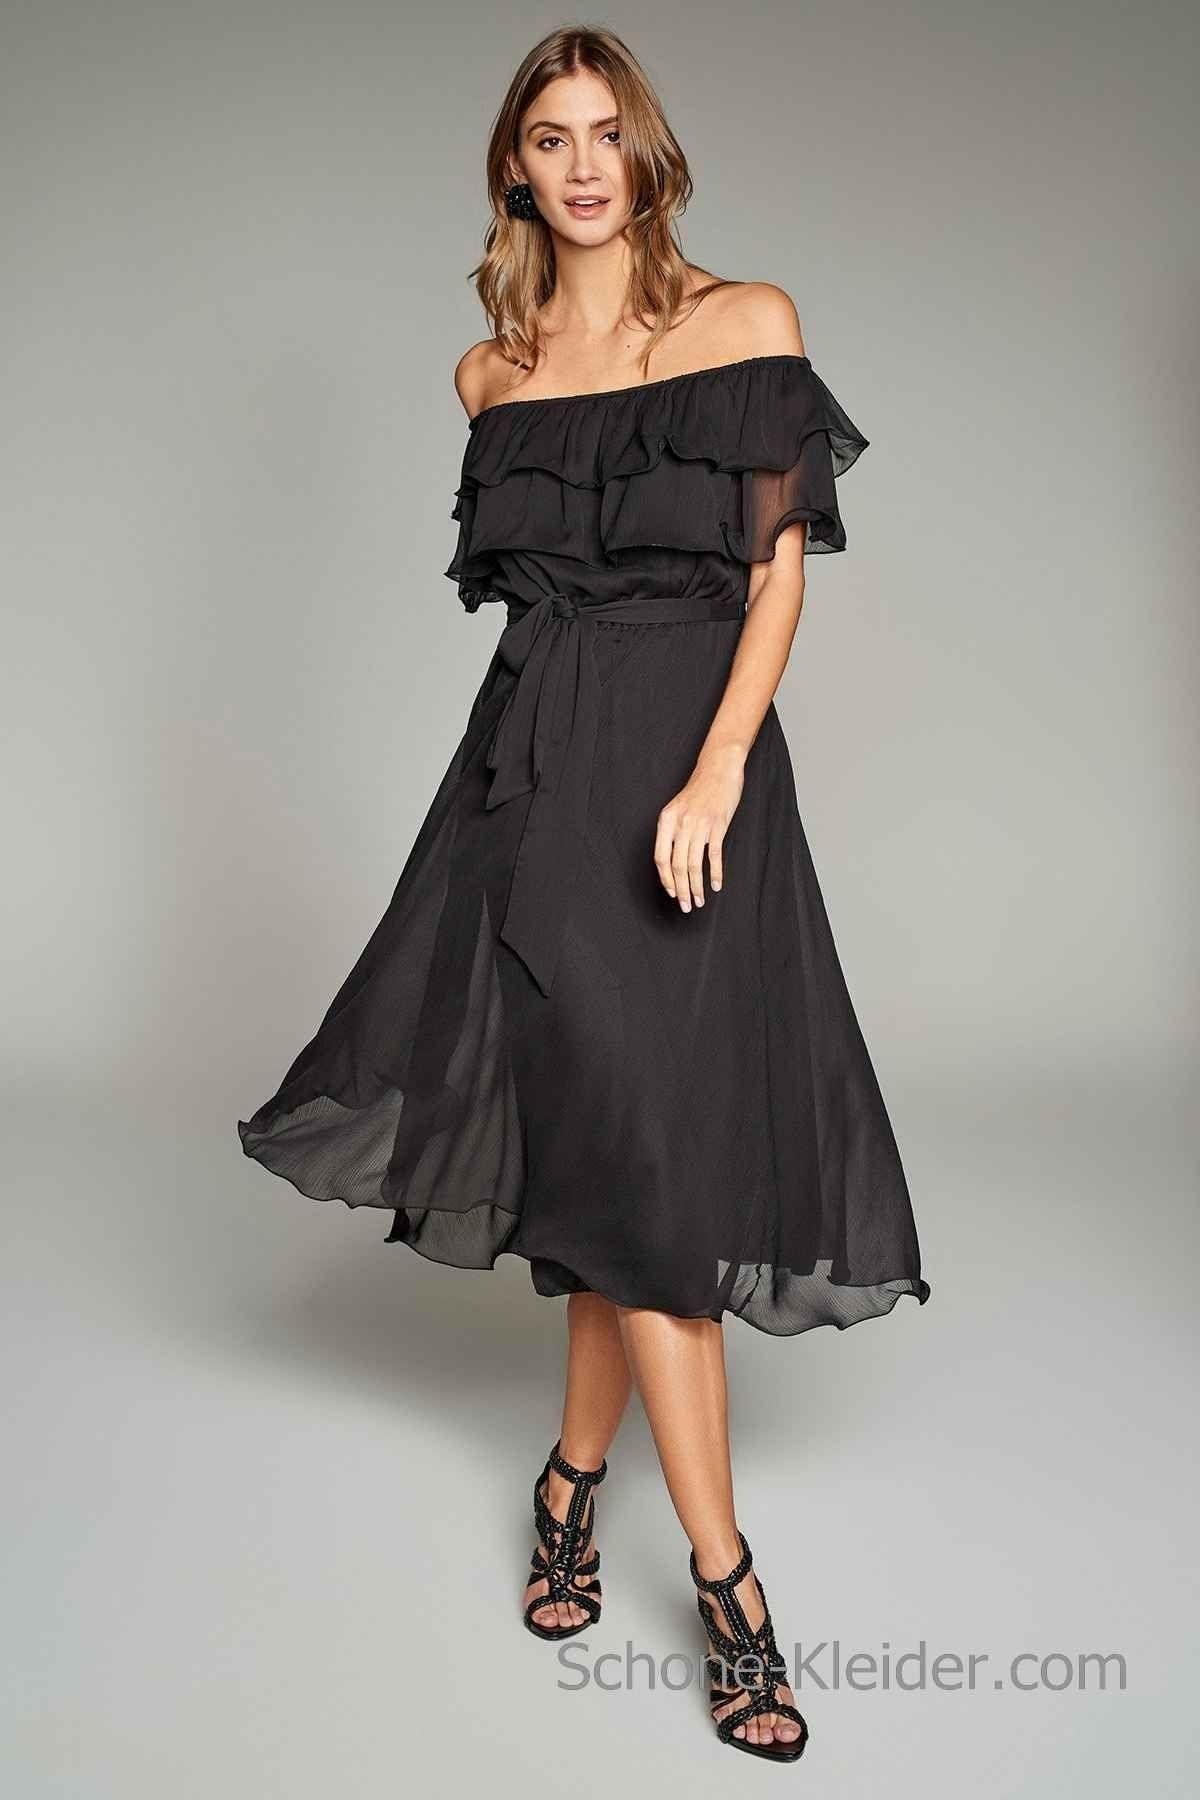 17 Schön Schöne Kleider Damen Bester PreisAbend Großartig Schöne Kleider Damen Spezialgebiet